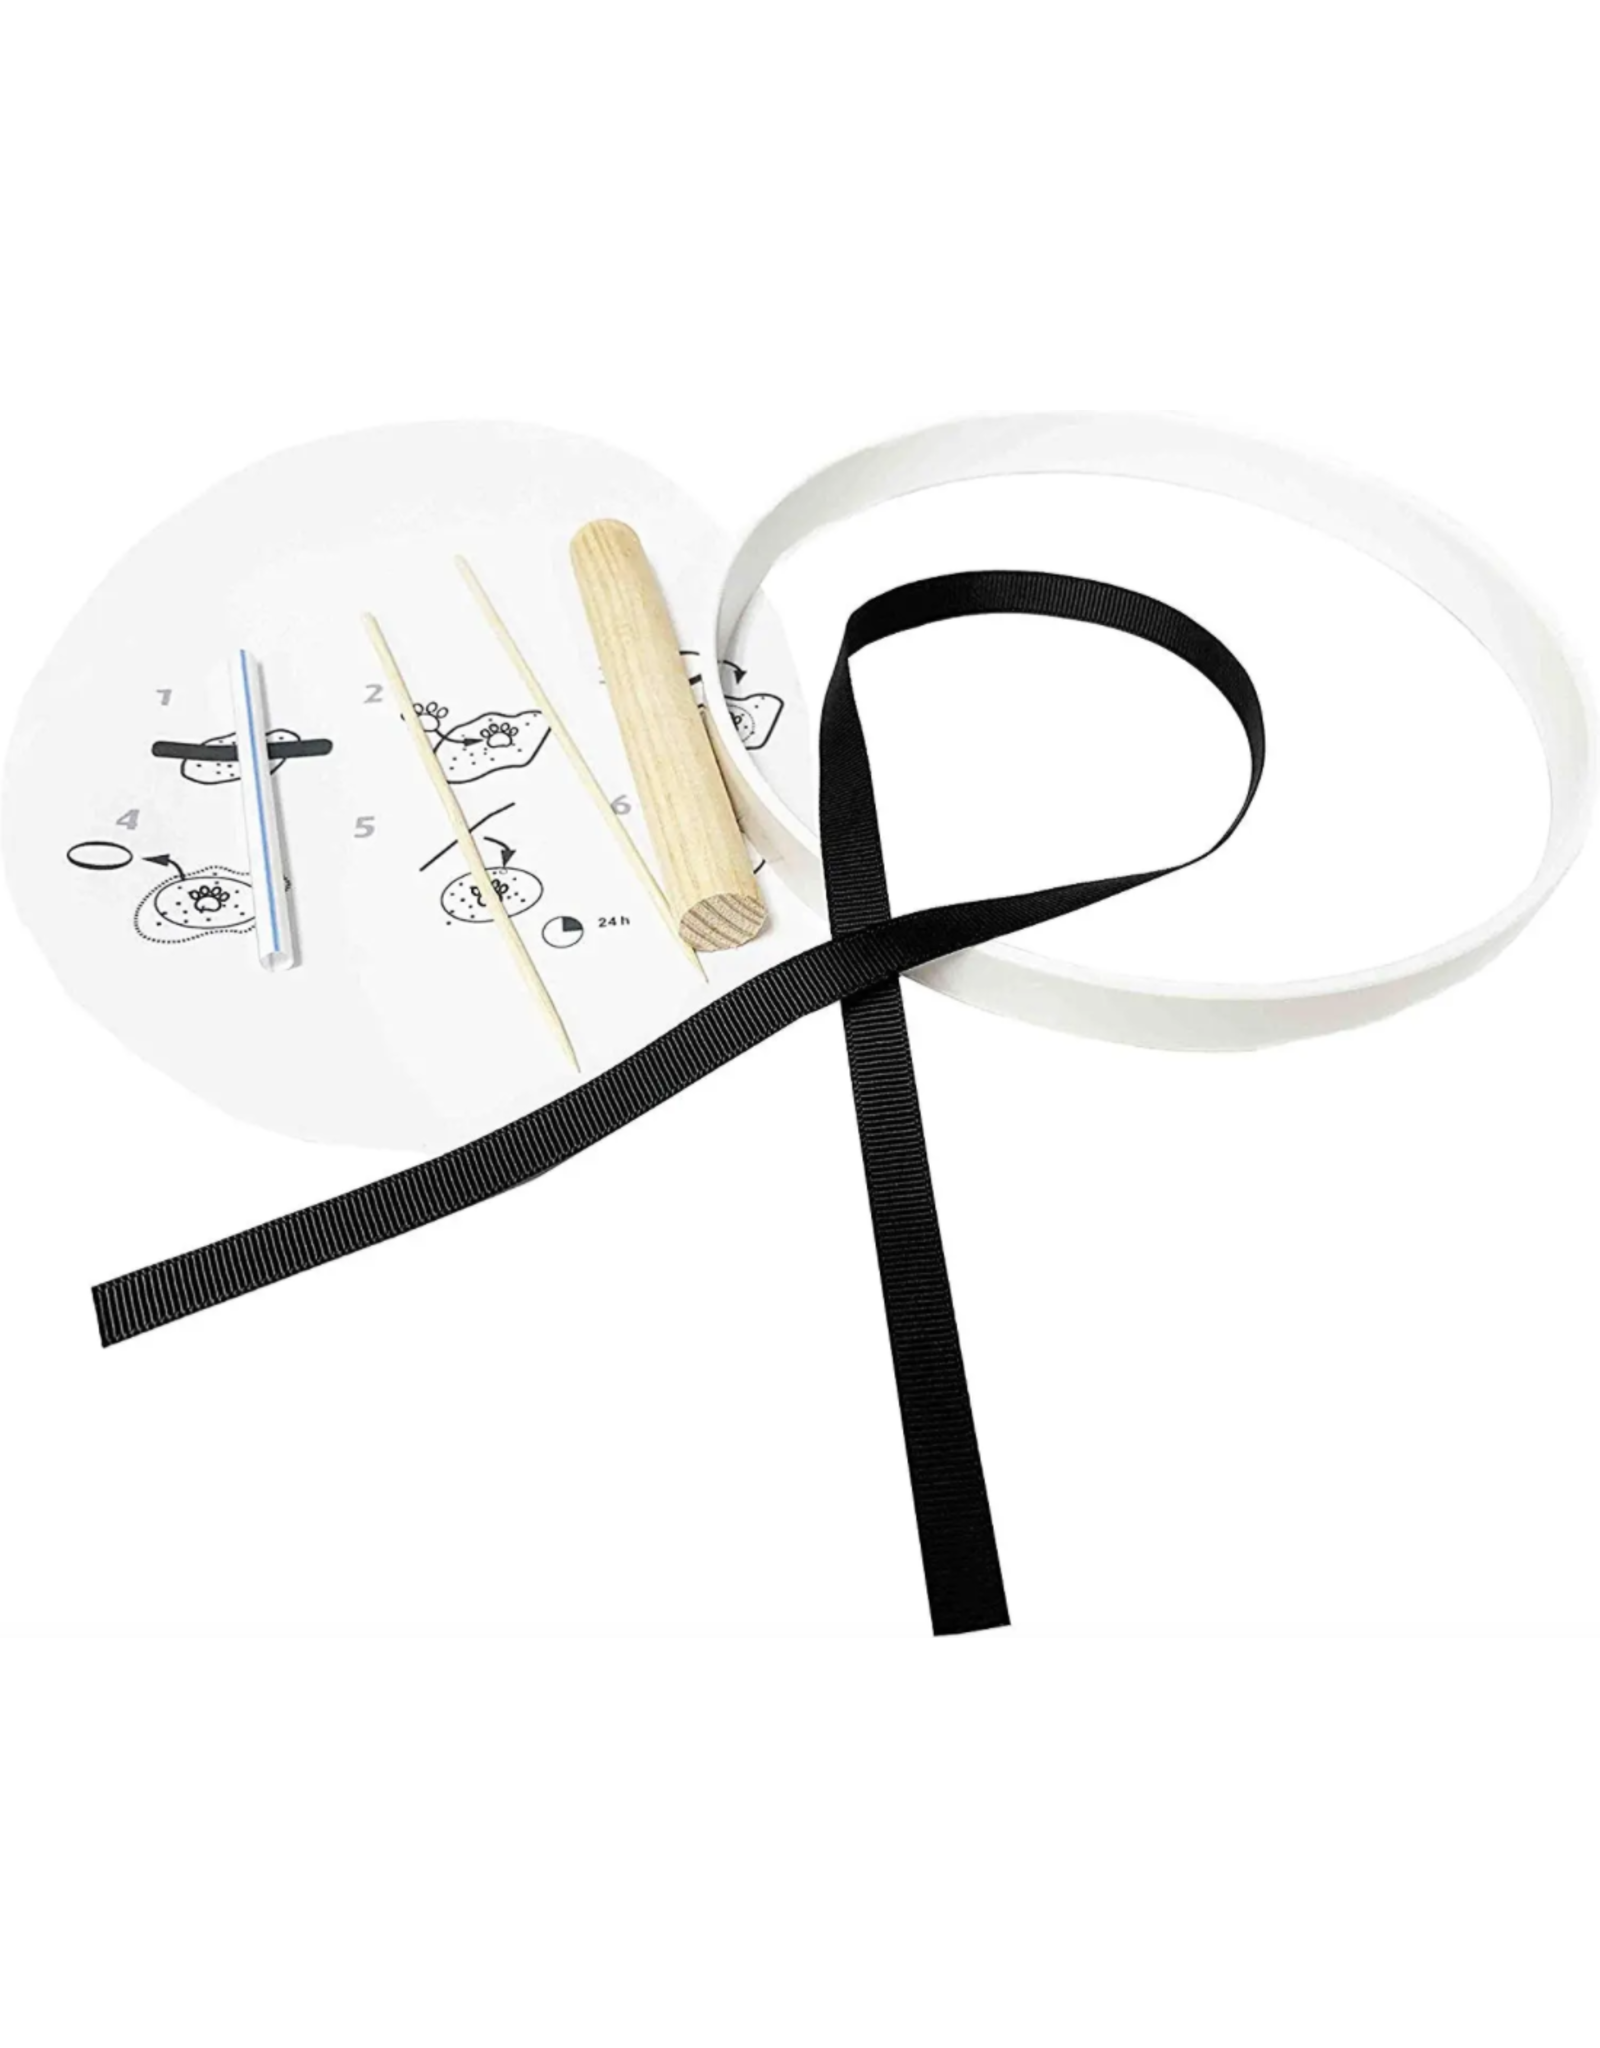 Midlee Designs Midlee Paw Print Clay Memory Kit / Keepsake Ornament